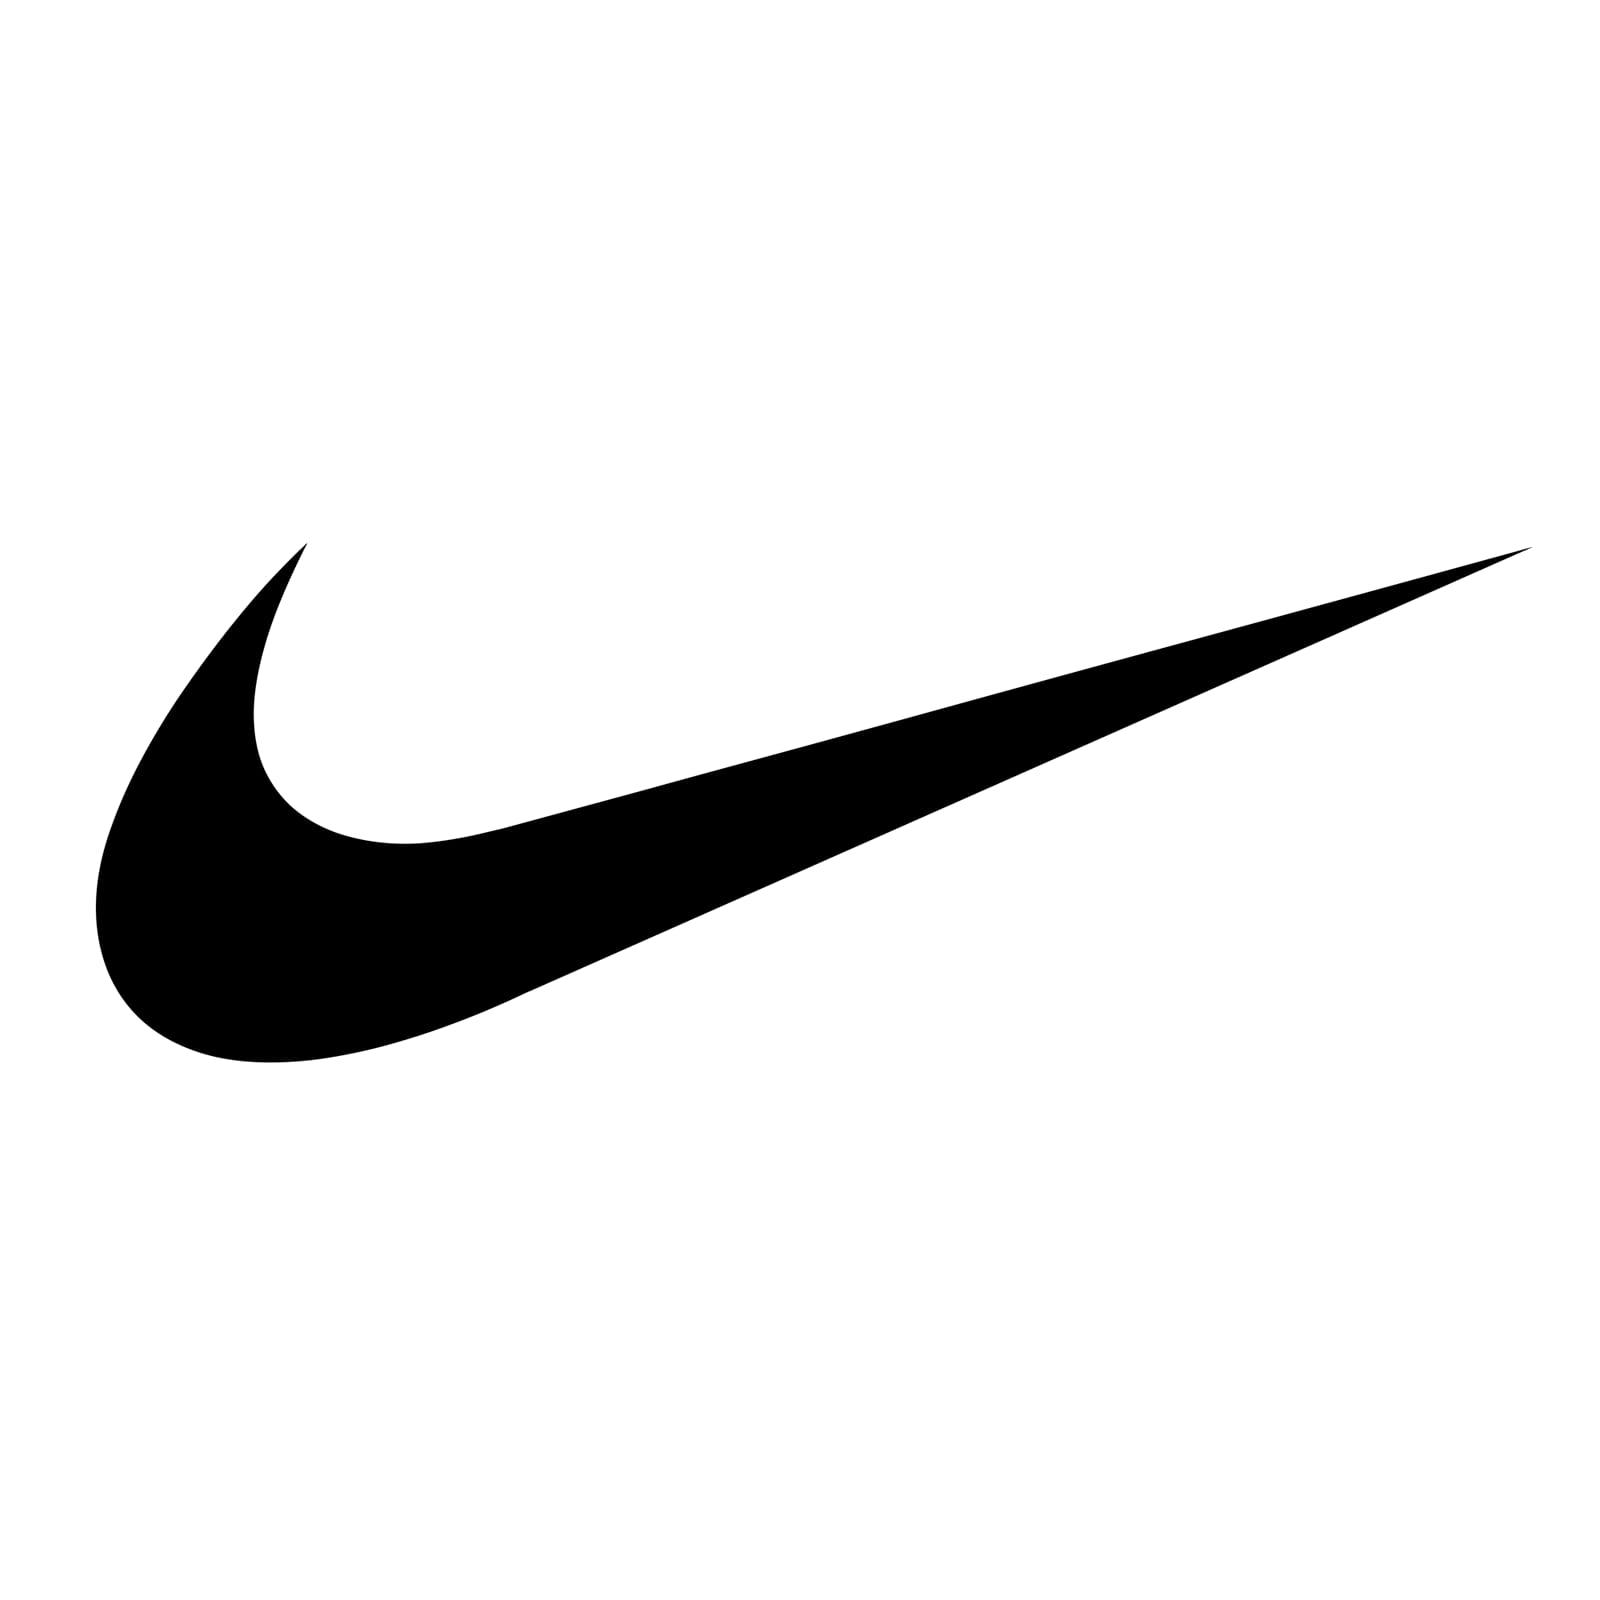 Nike. Just Do It. Nike.com